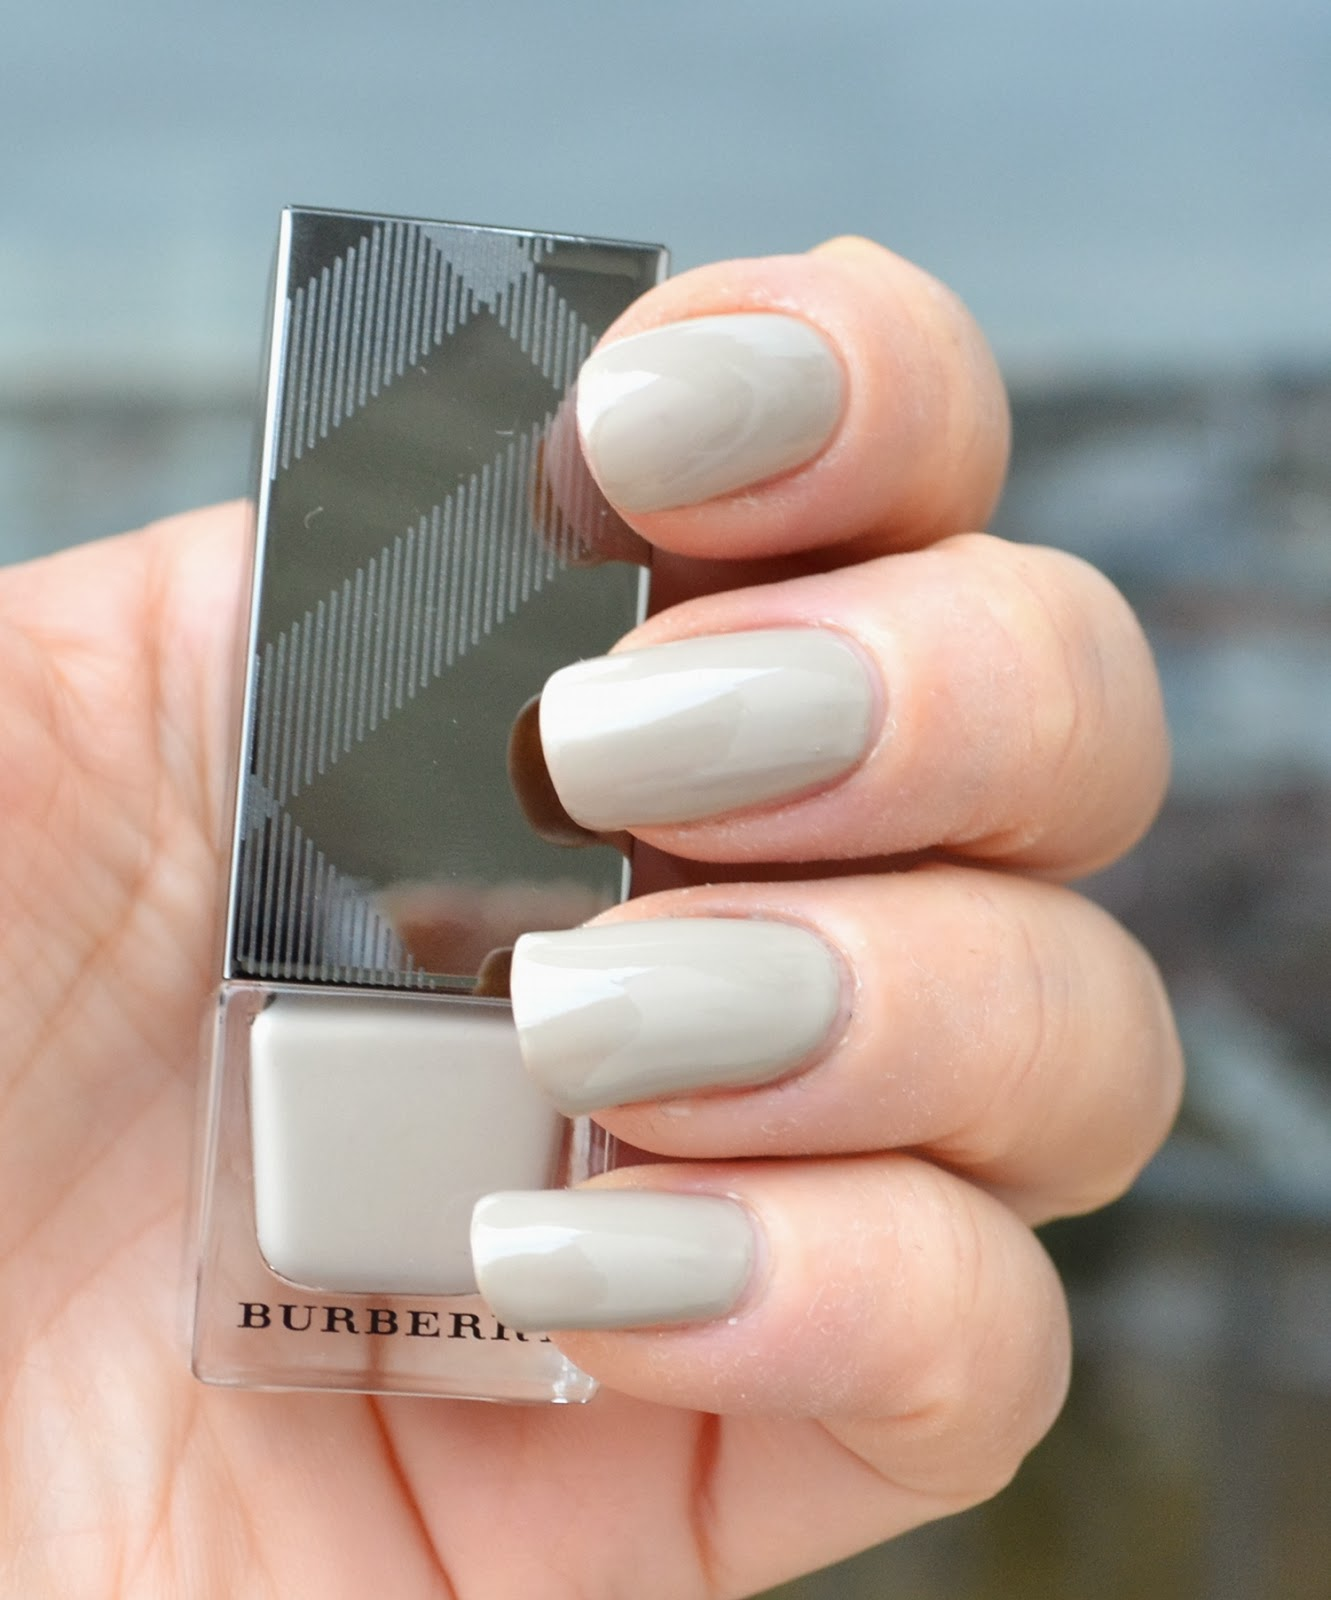 Burberry Nail Polishes #200 Steel Grey, #202 Metallic Khaki, #203 ...